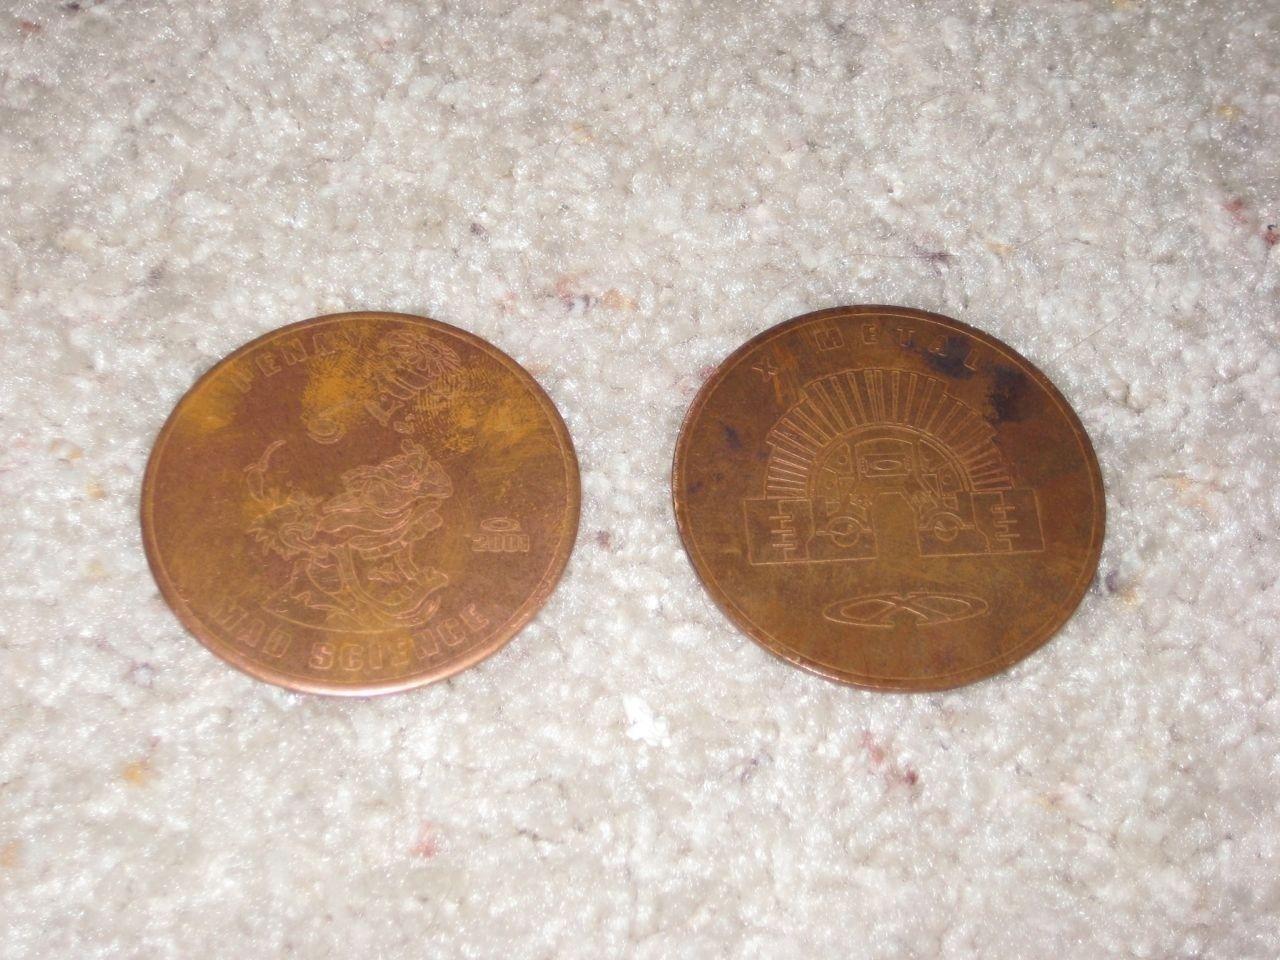 Oakley Juliet And Penny Coins - oak43.jpg